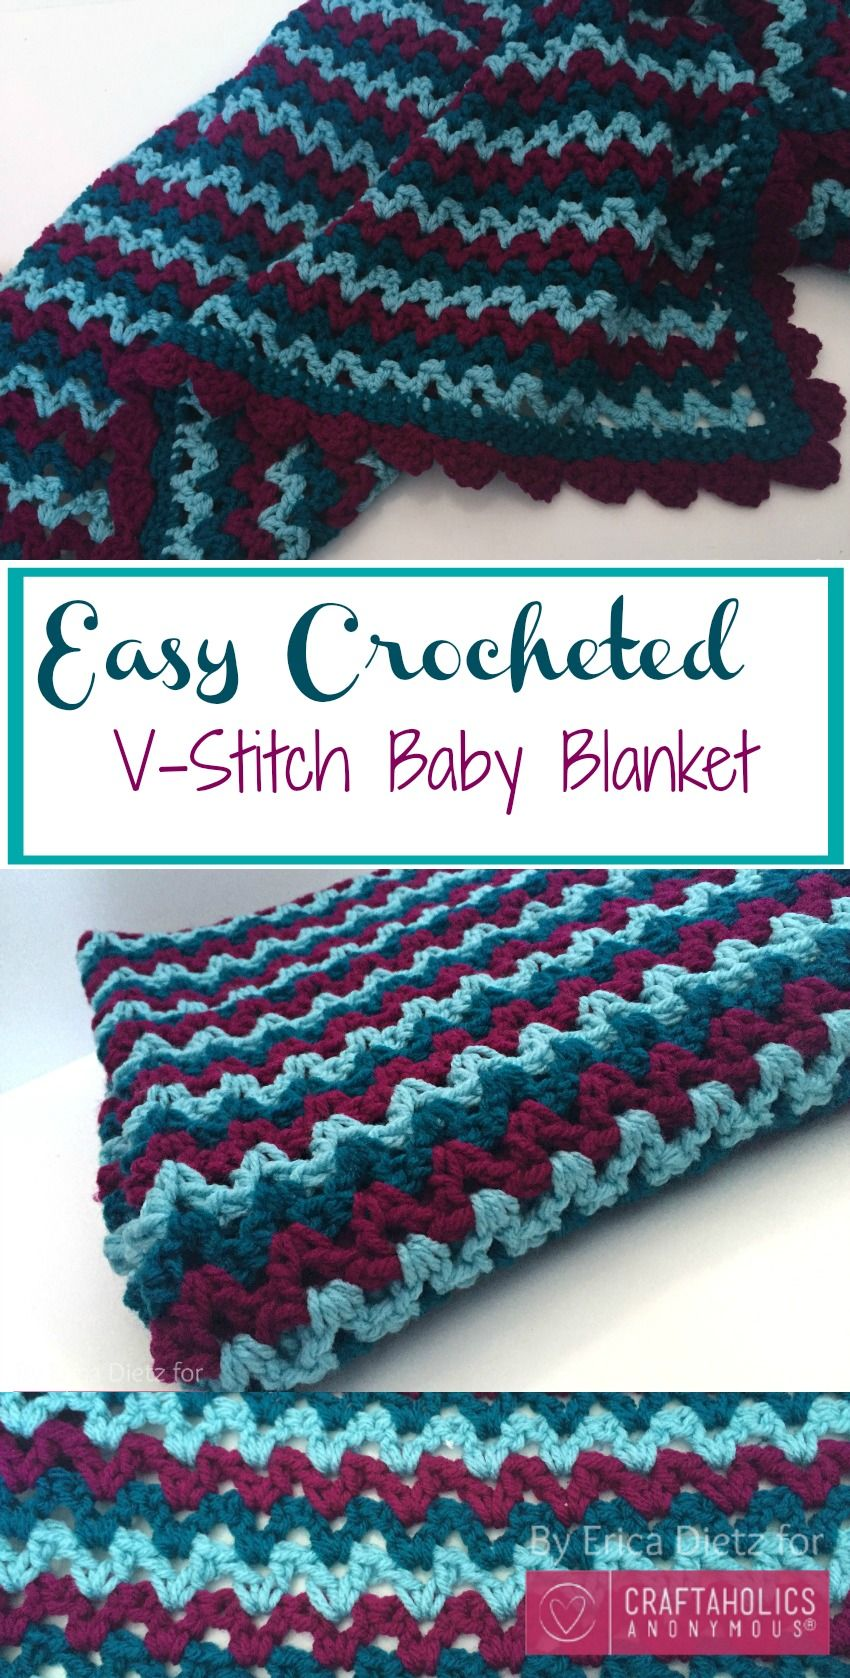 die besten 25 diy crochet baby blanket ideen auf pinterest babydecke h keln h keln und. Black Bedroom Furniture Sets. Home Design Ideas